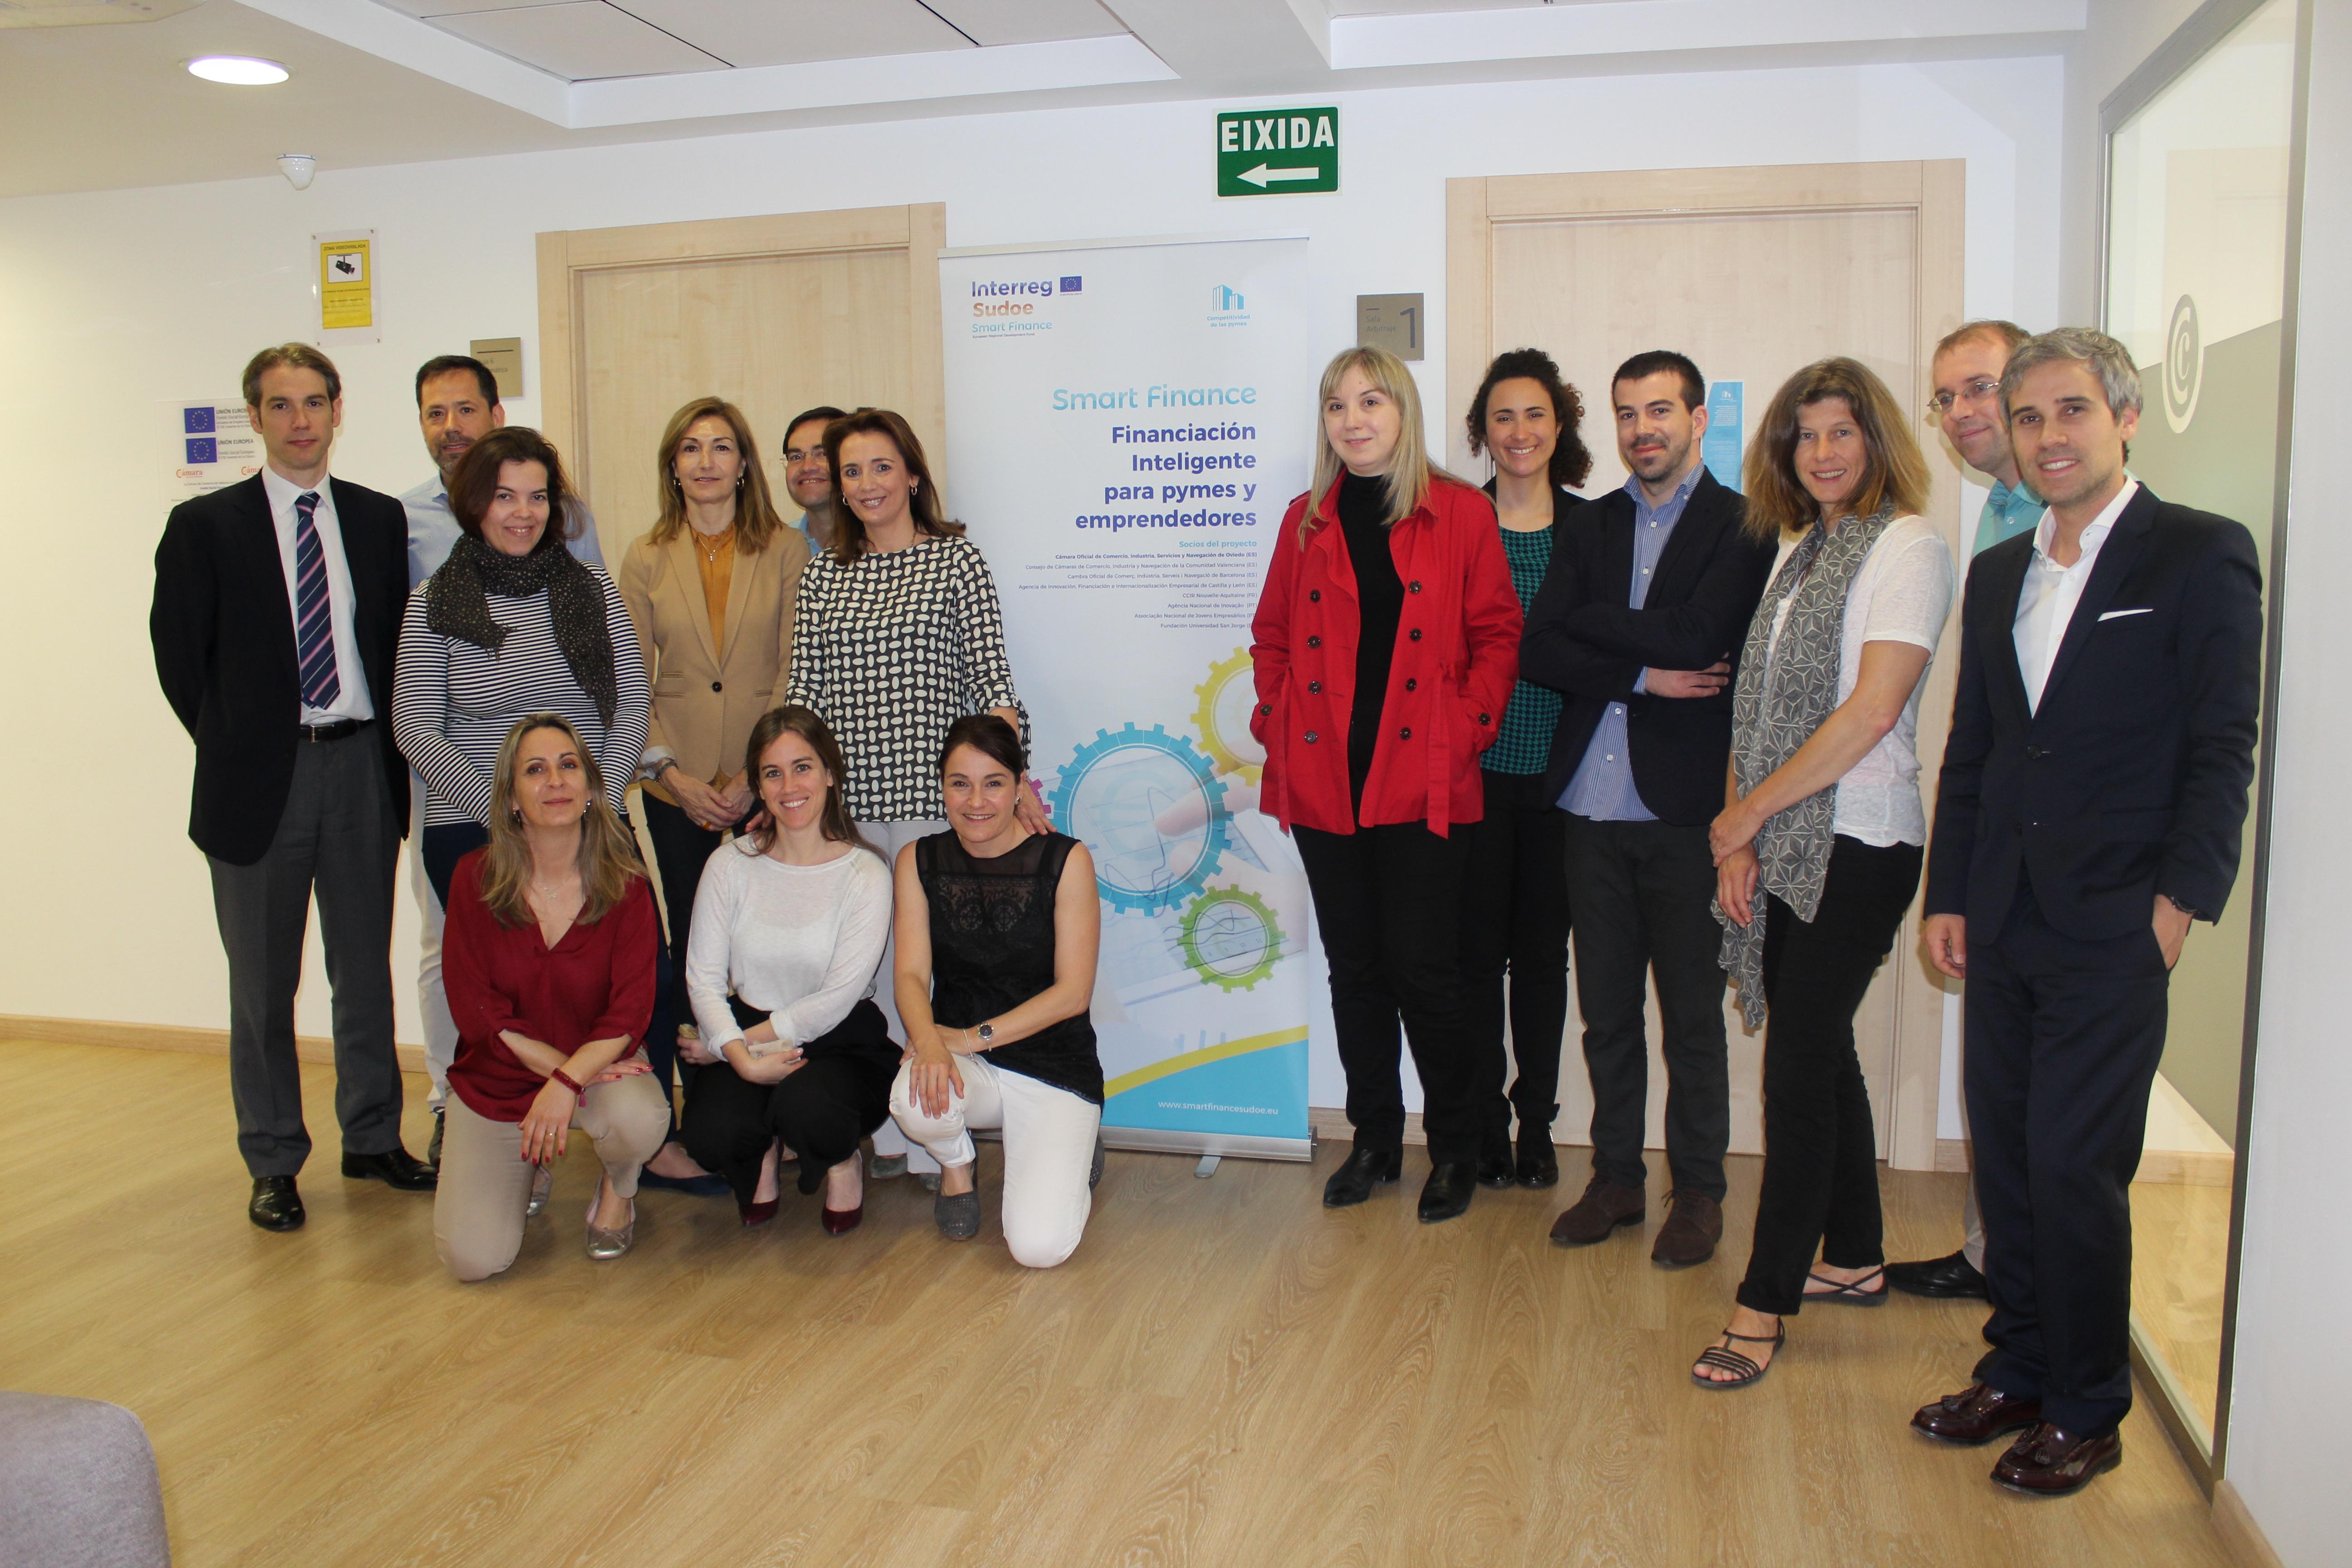 """O Conselho de Câmaras da Comunidade Valenciana organiza a 4ª reunião de parceiros do Projecto Europeu """"SMART FINANCE"""" em Valência"""